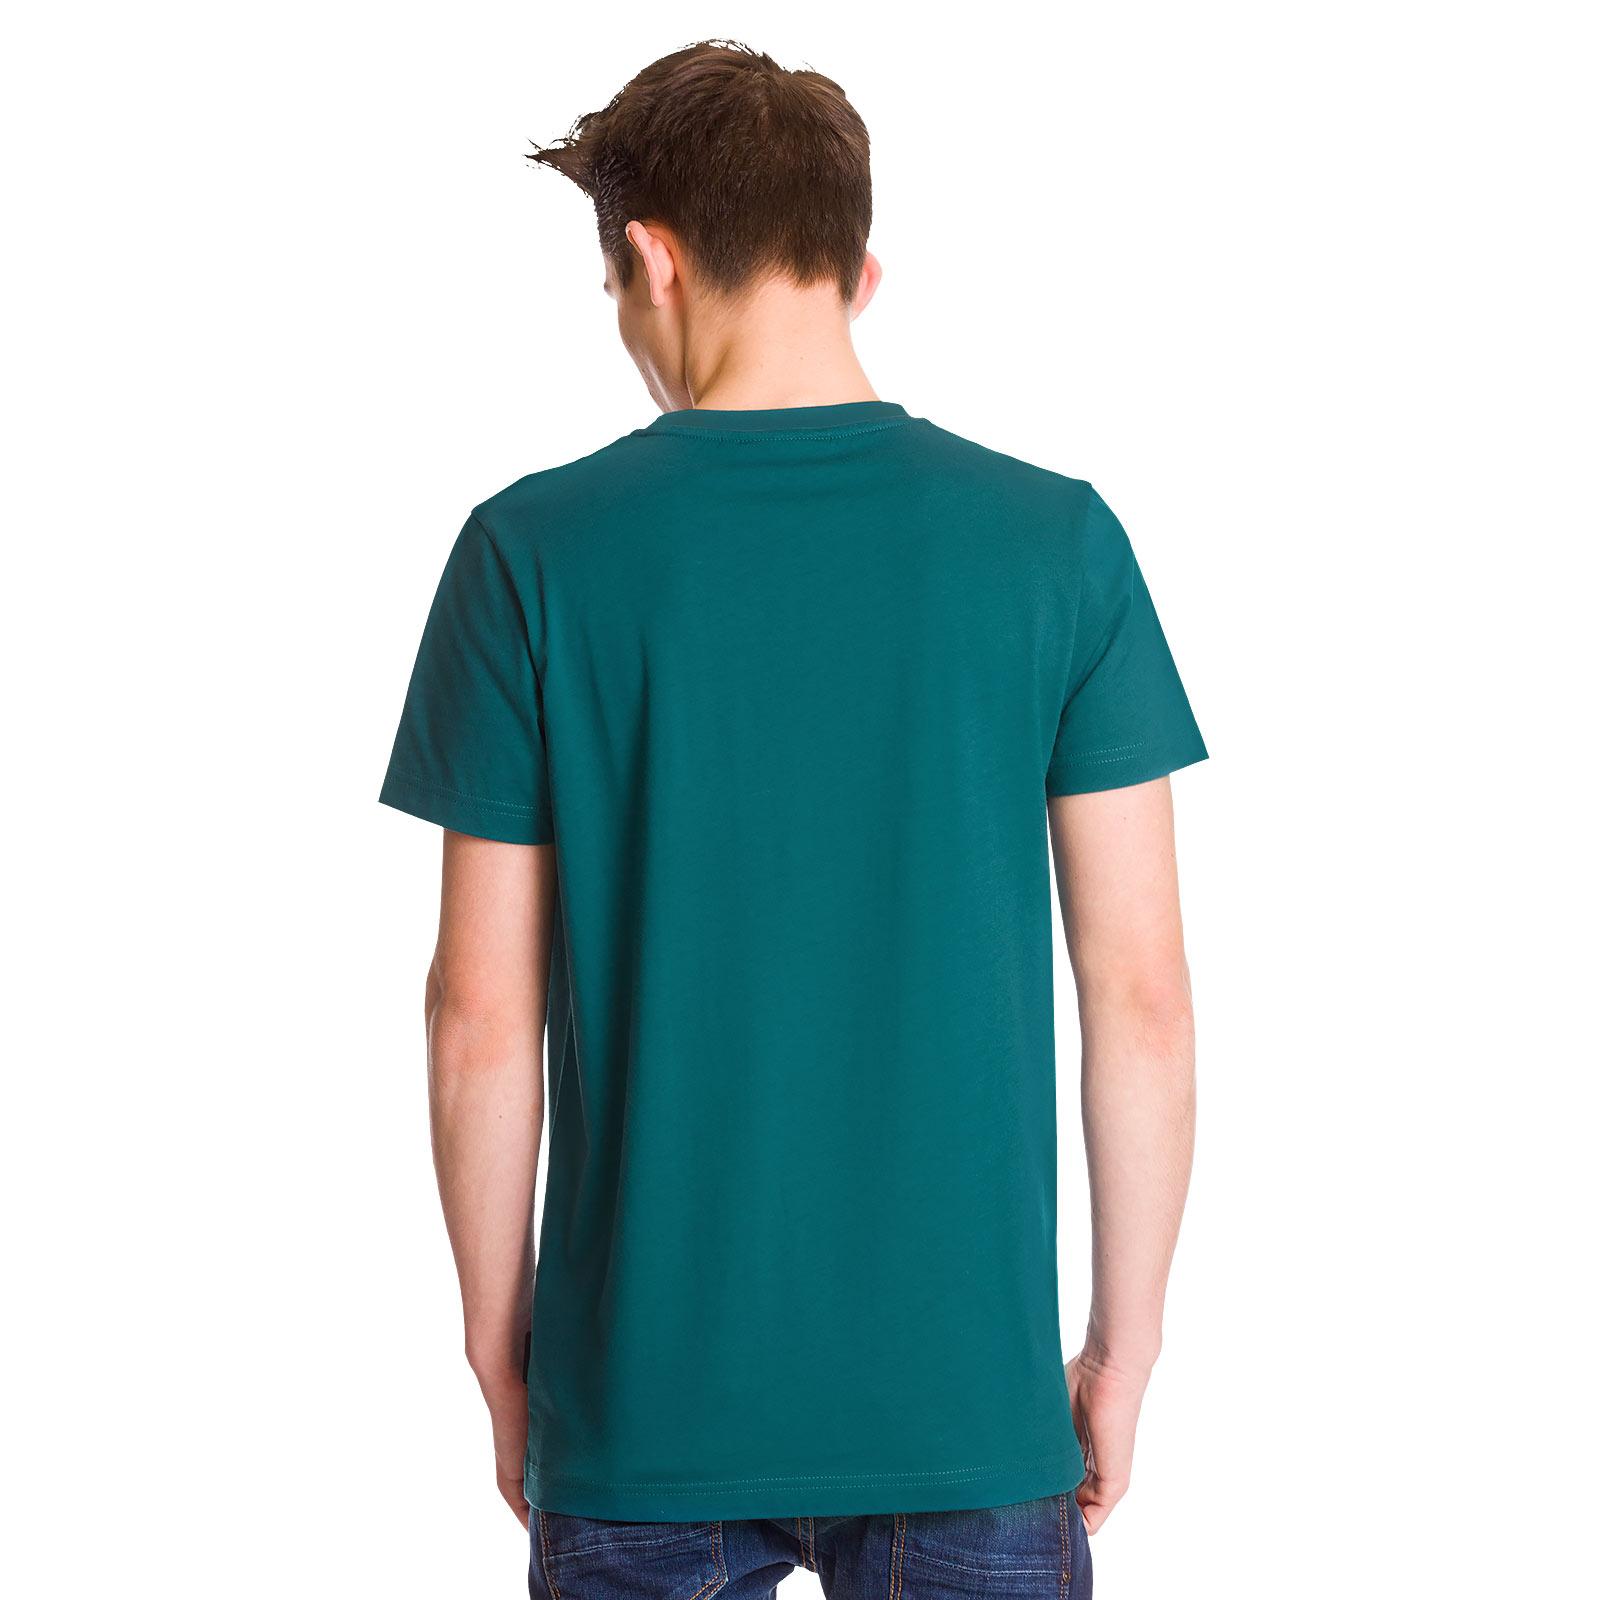 Bowtruckle Pickett - Phantastische Tierwesen T-Shirt